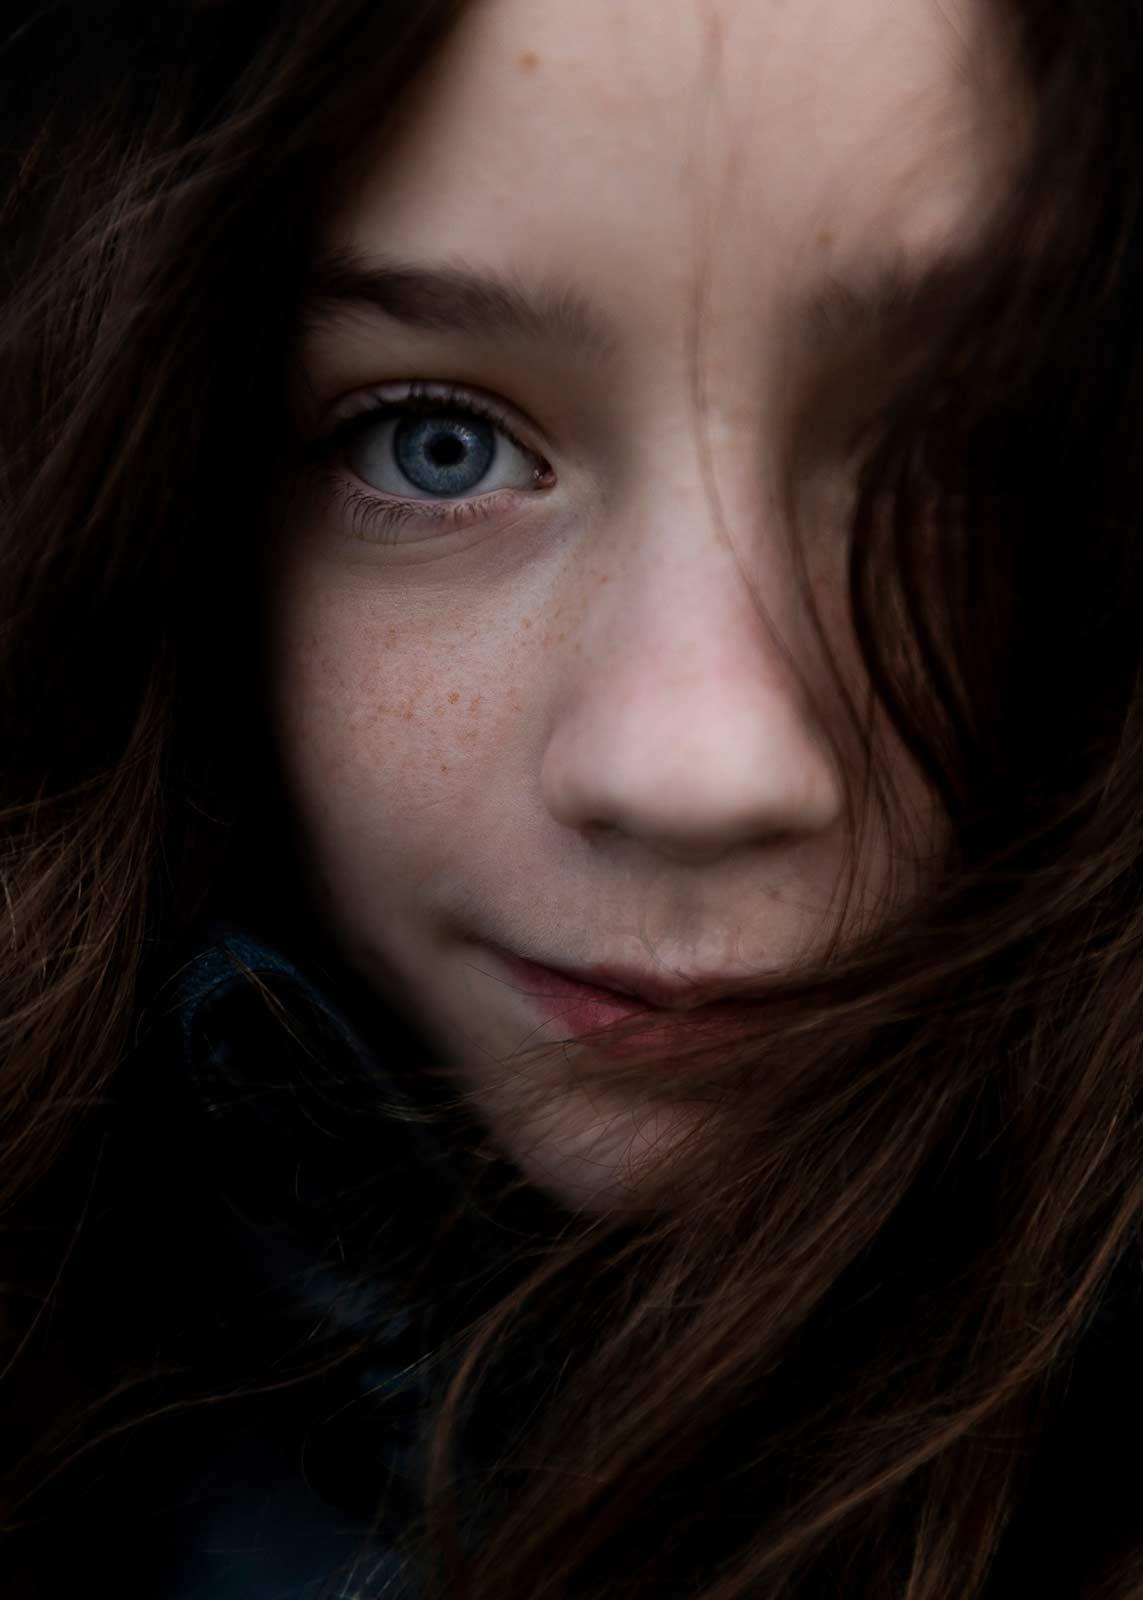 ccphilipa, photo, portrait, ranja